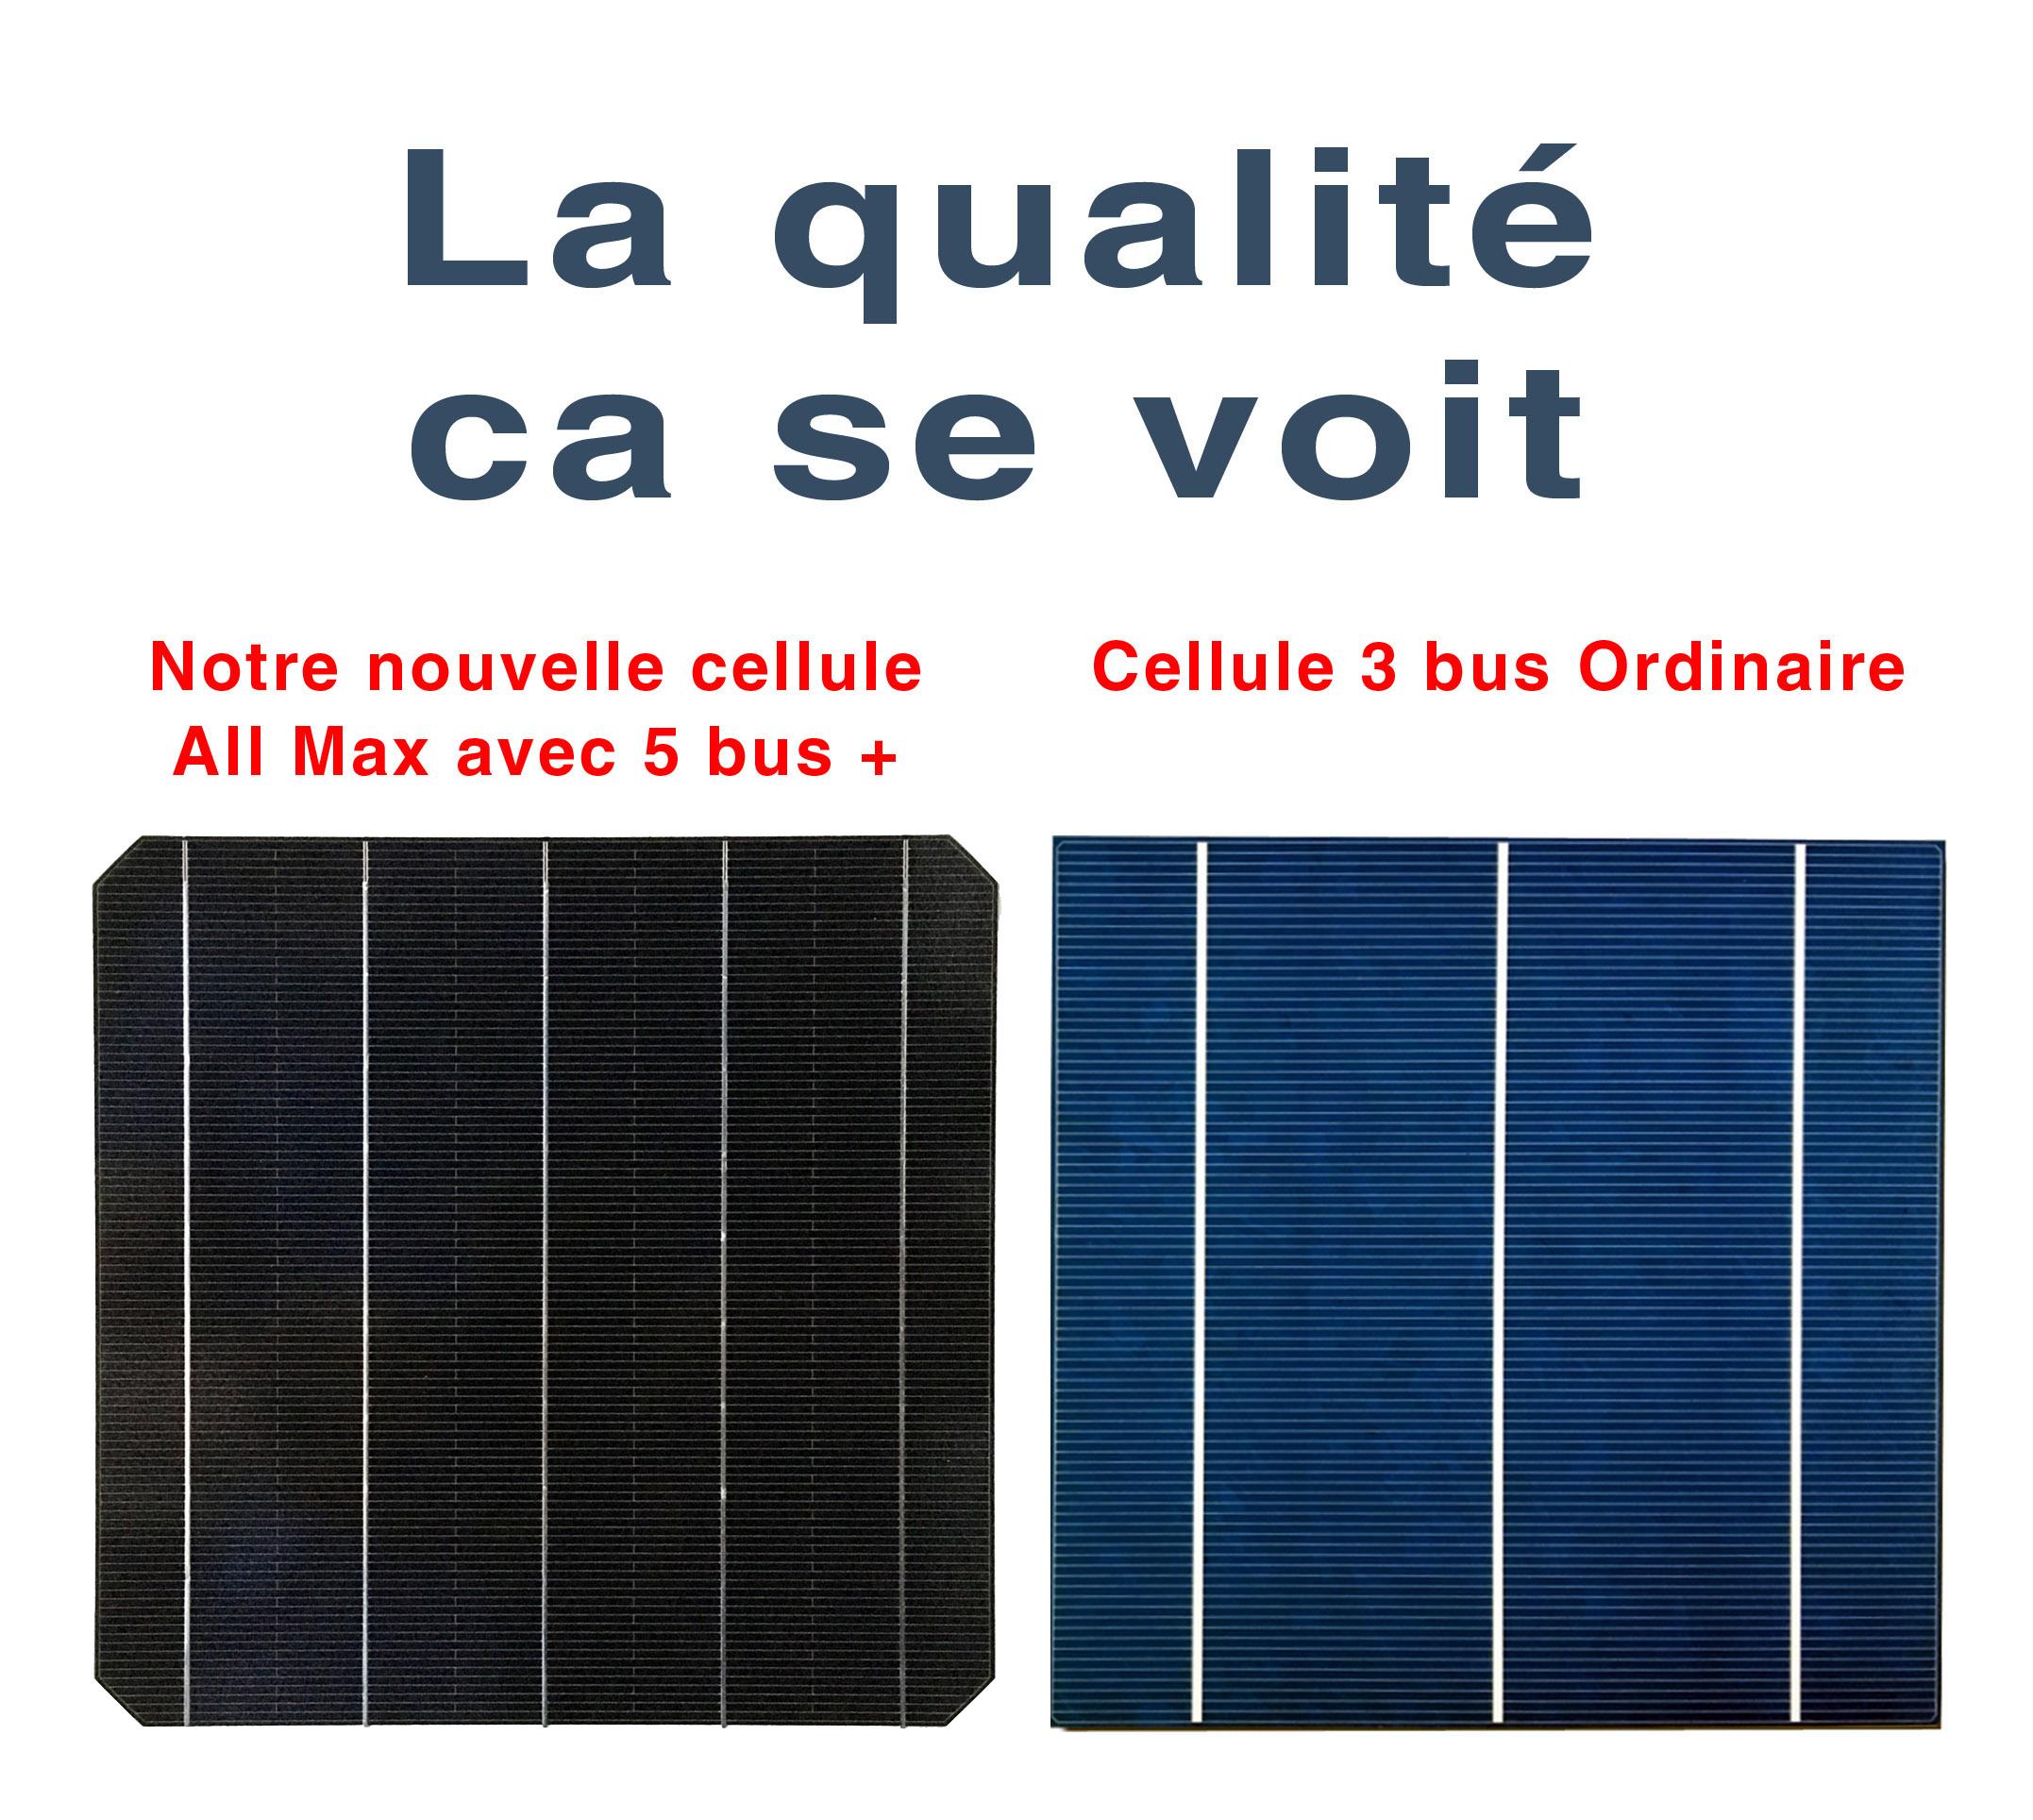 C est notre nouveau panneau solaire Silver Max Plus, qui offre la meilleure  performance de production globale quotidienne et ce, du matin au soir dans  tous ... 8da45c2cd665